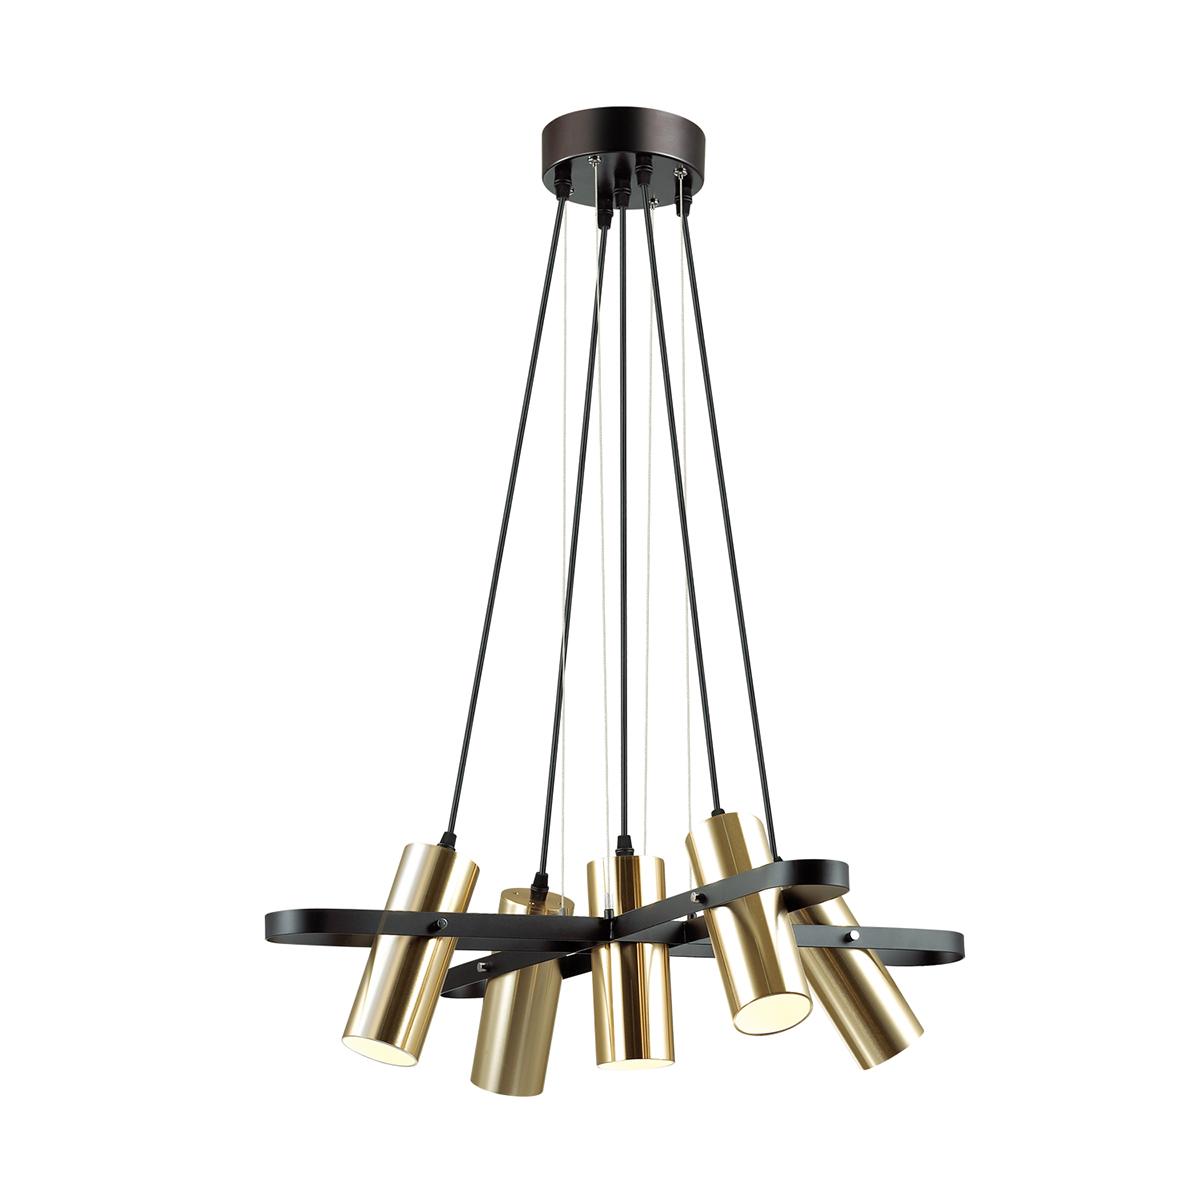 Подвесная люстра с регулировкой направления света Lumion Claire 3714/5A, 5xGU10x5W, черный, матовое золото, металл - фото 1